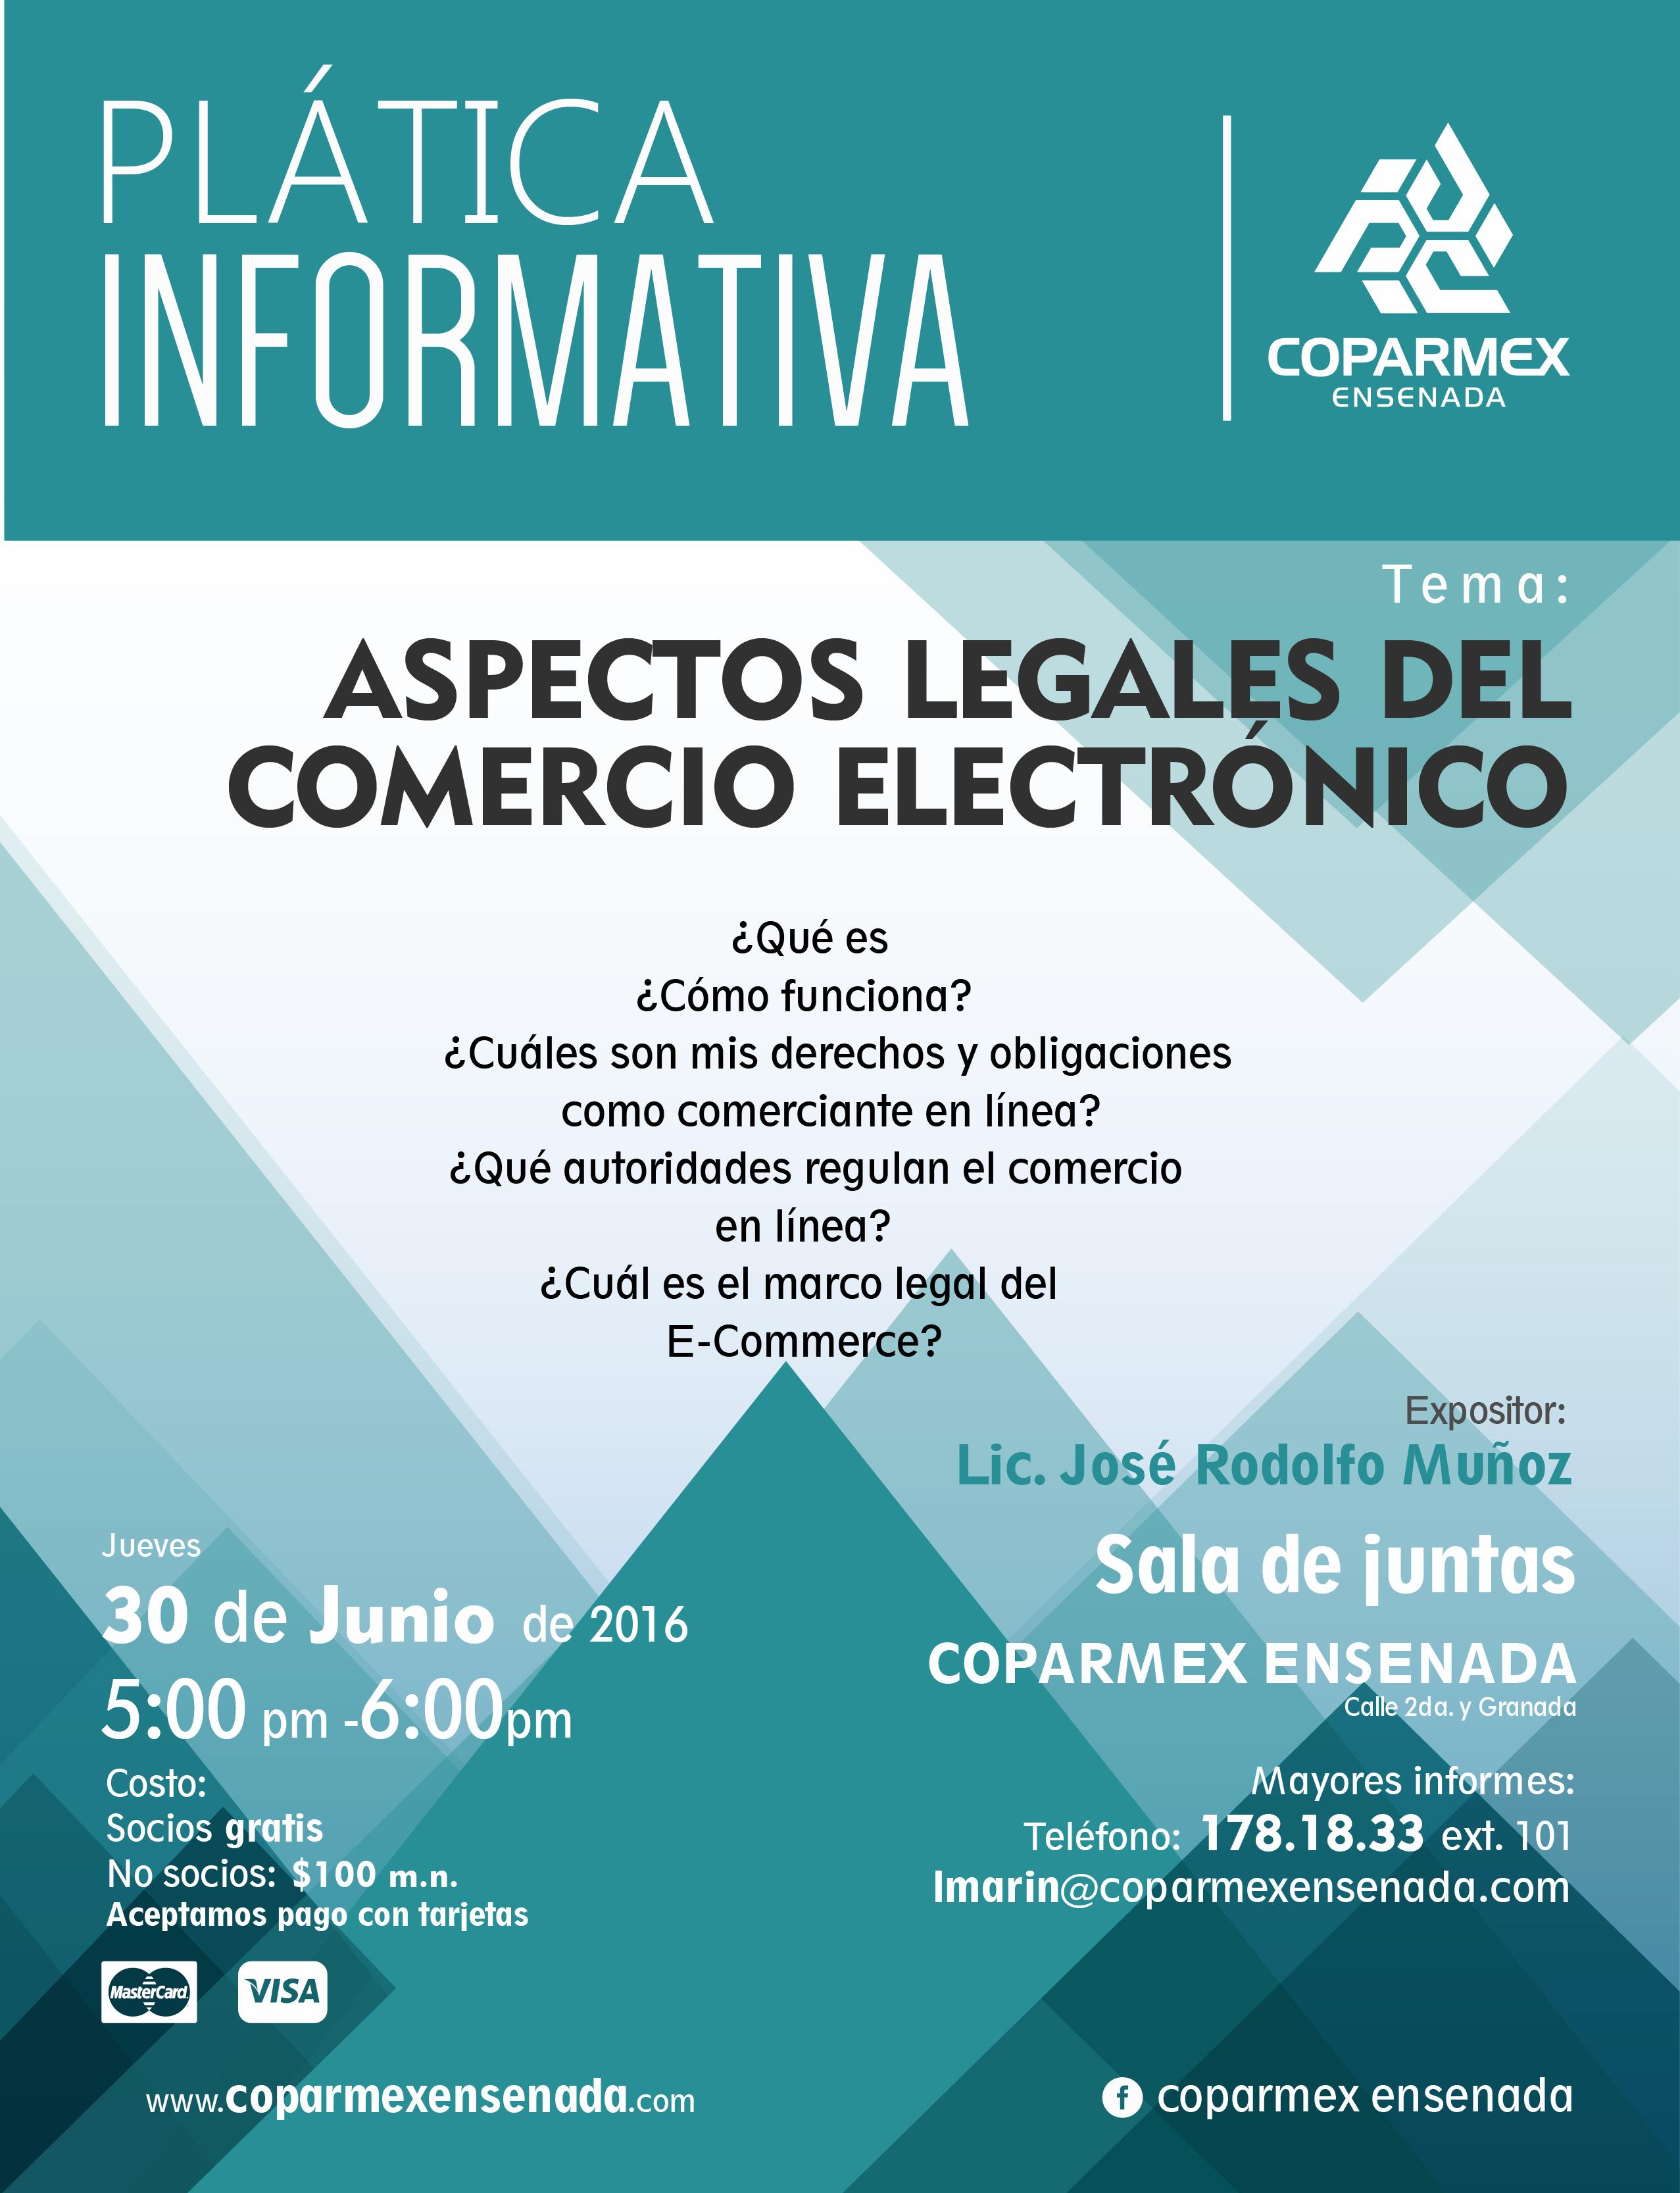 Aspectos Legales del Comercio Electrónico – Coparmex